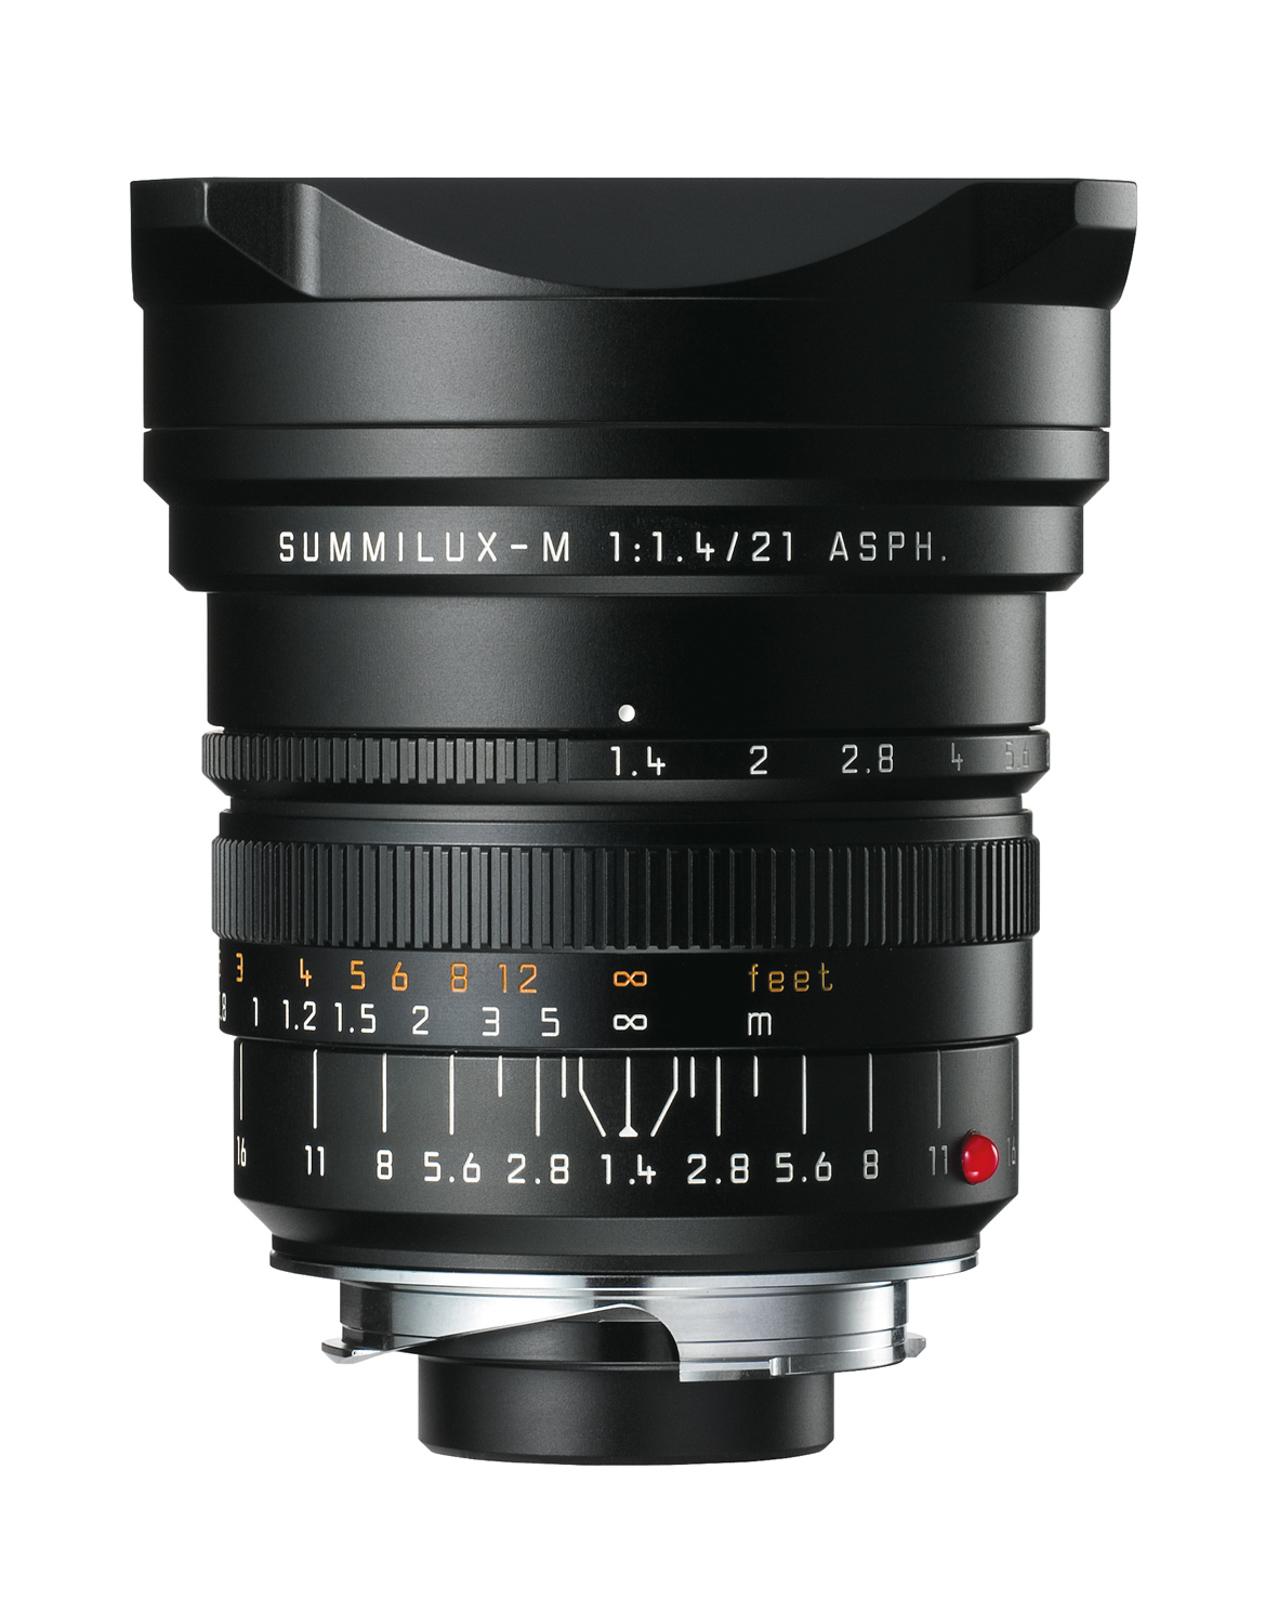 Leica Summilux-M 1:1.4/21 ASPH